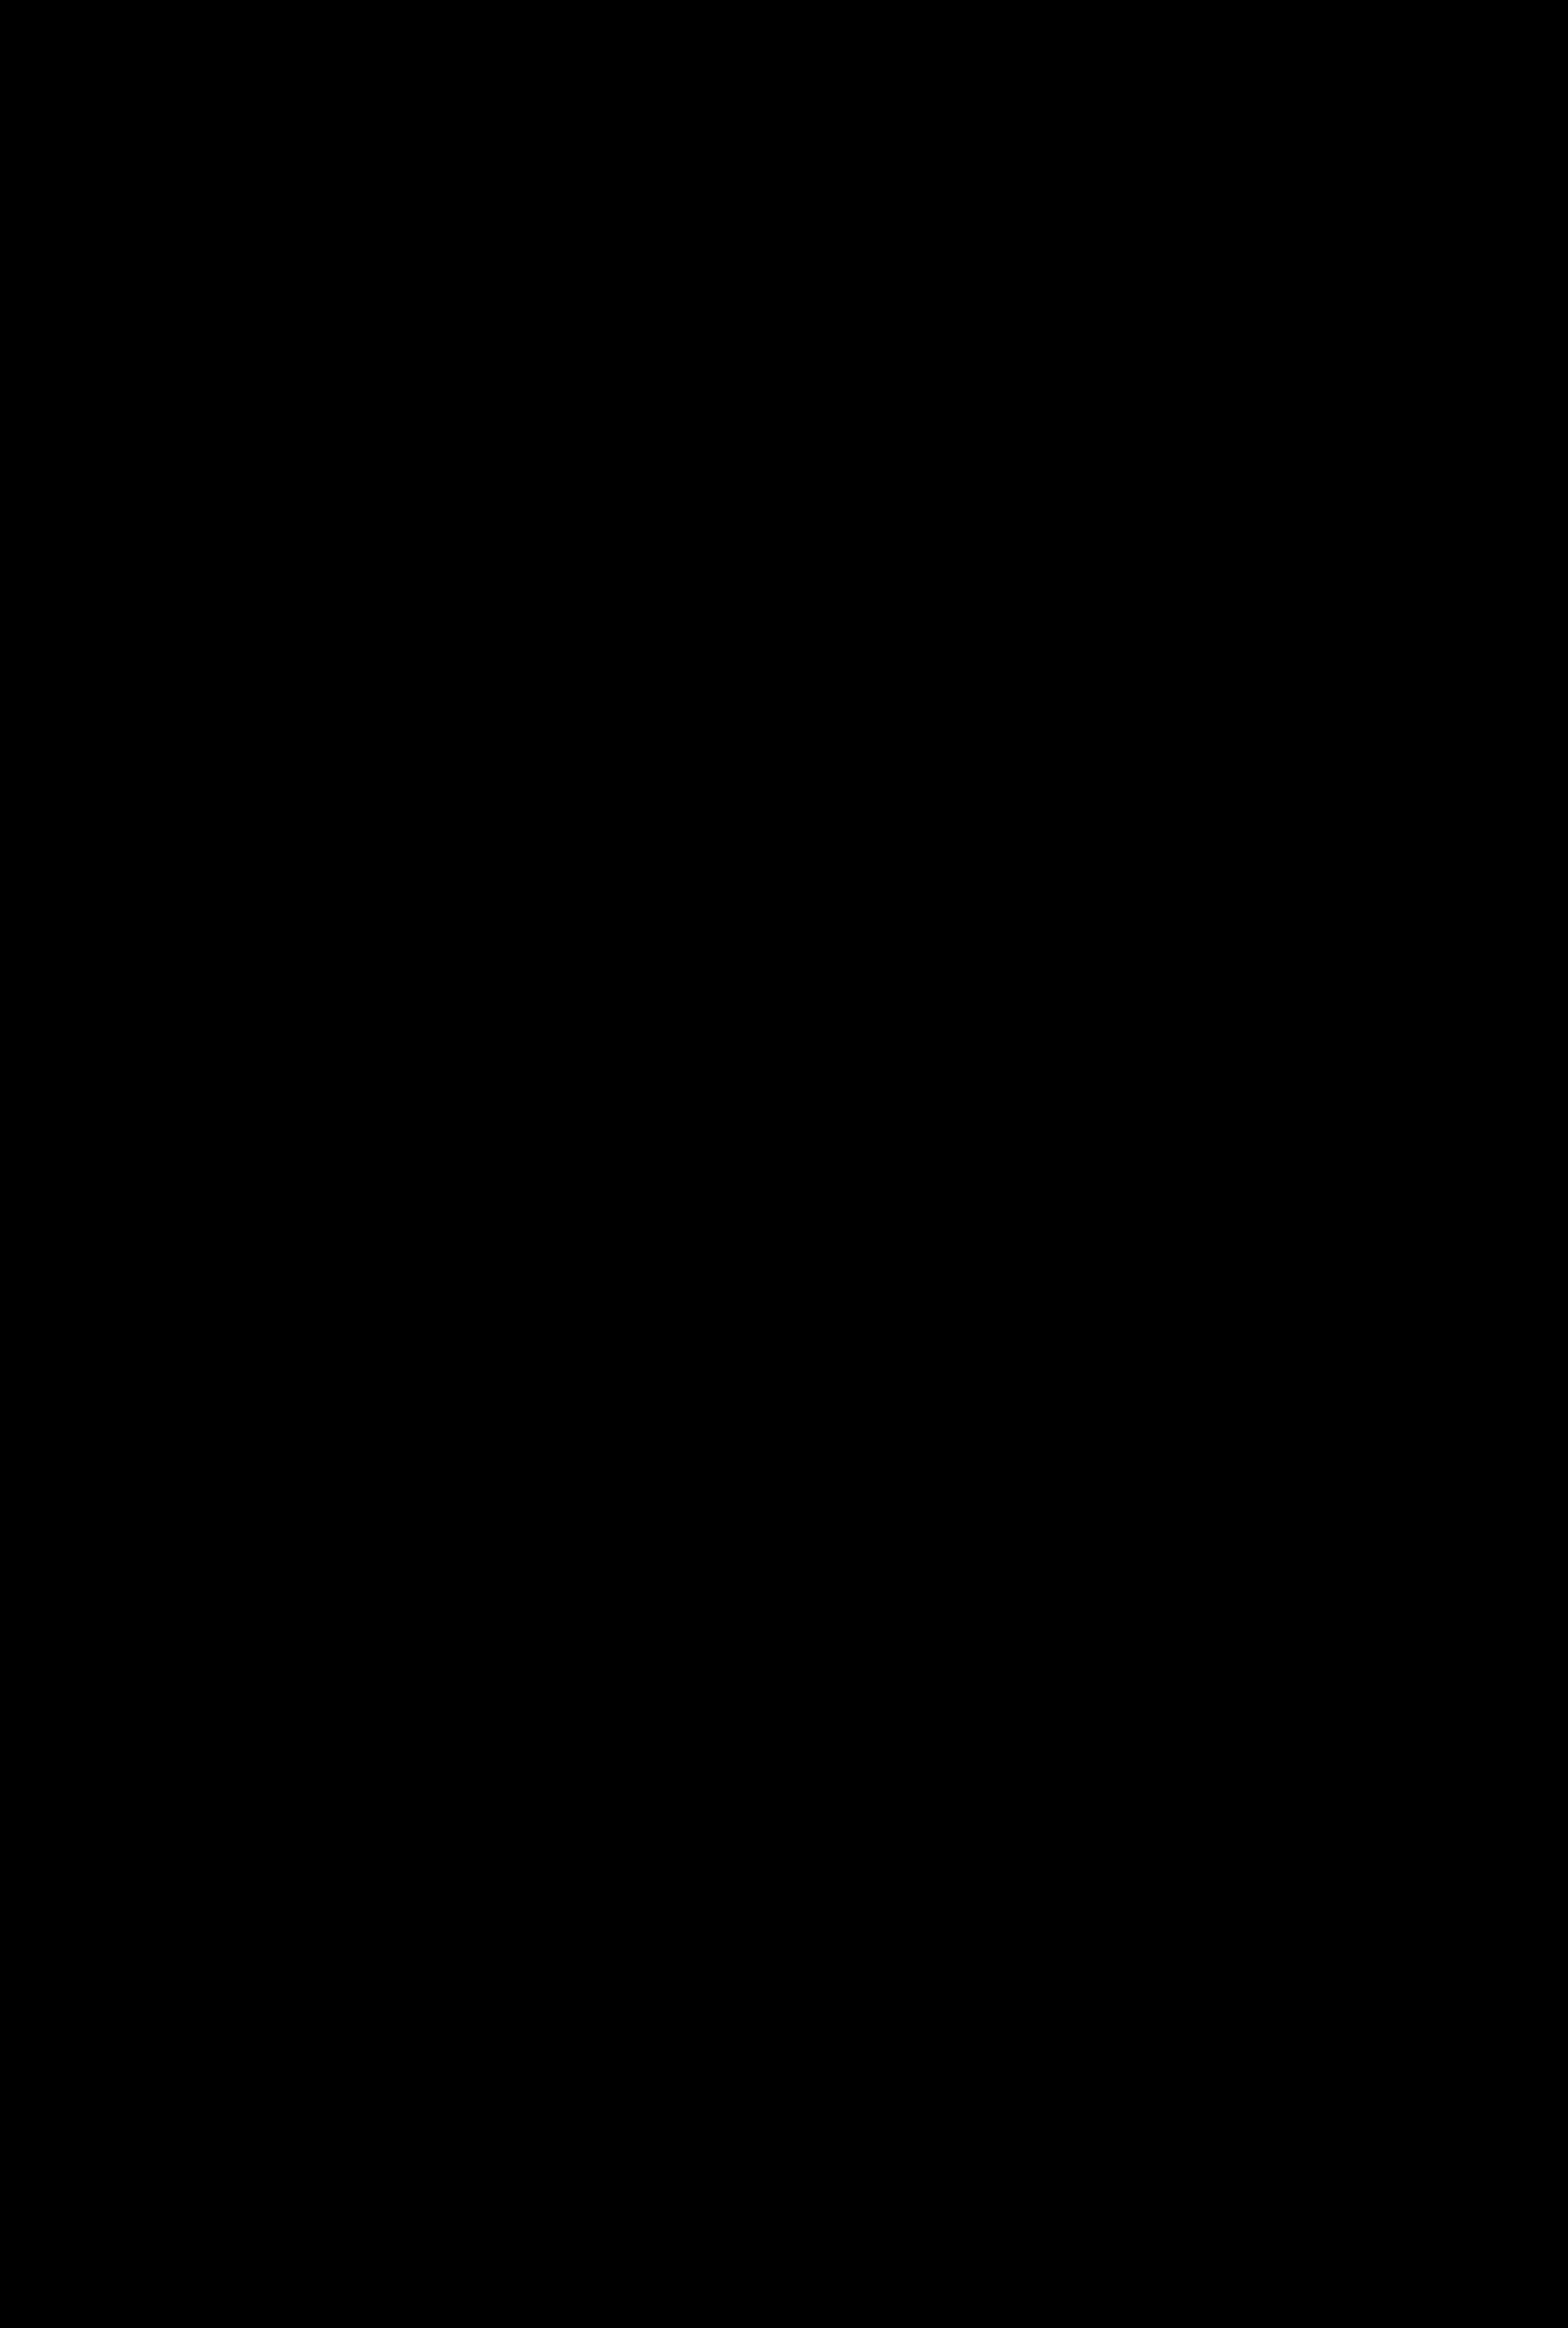 La formazione del designer in Italia